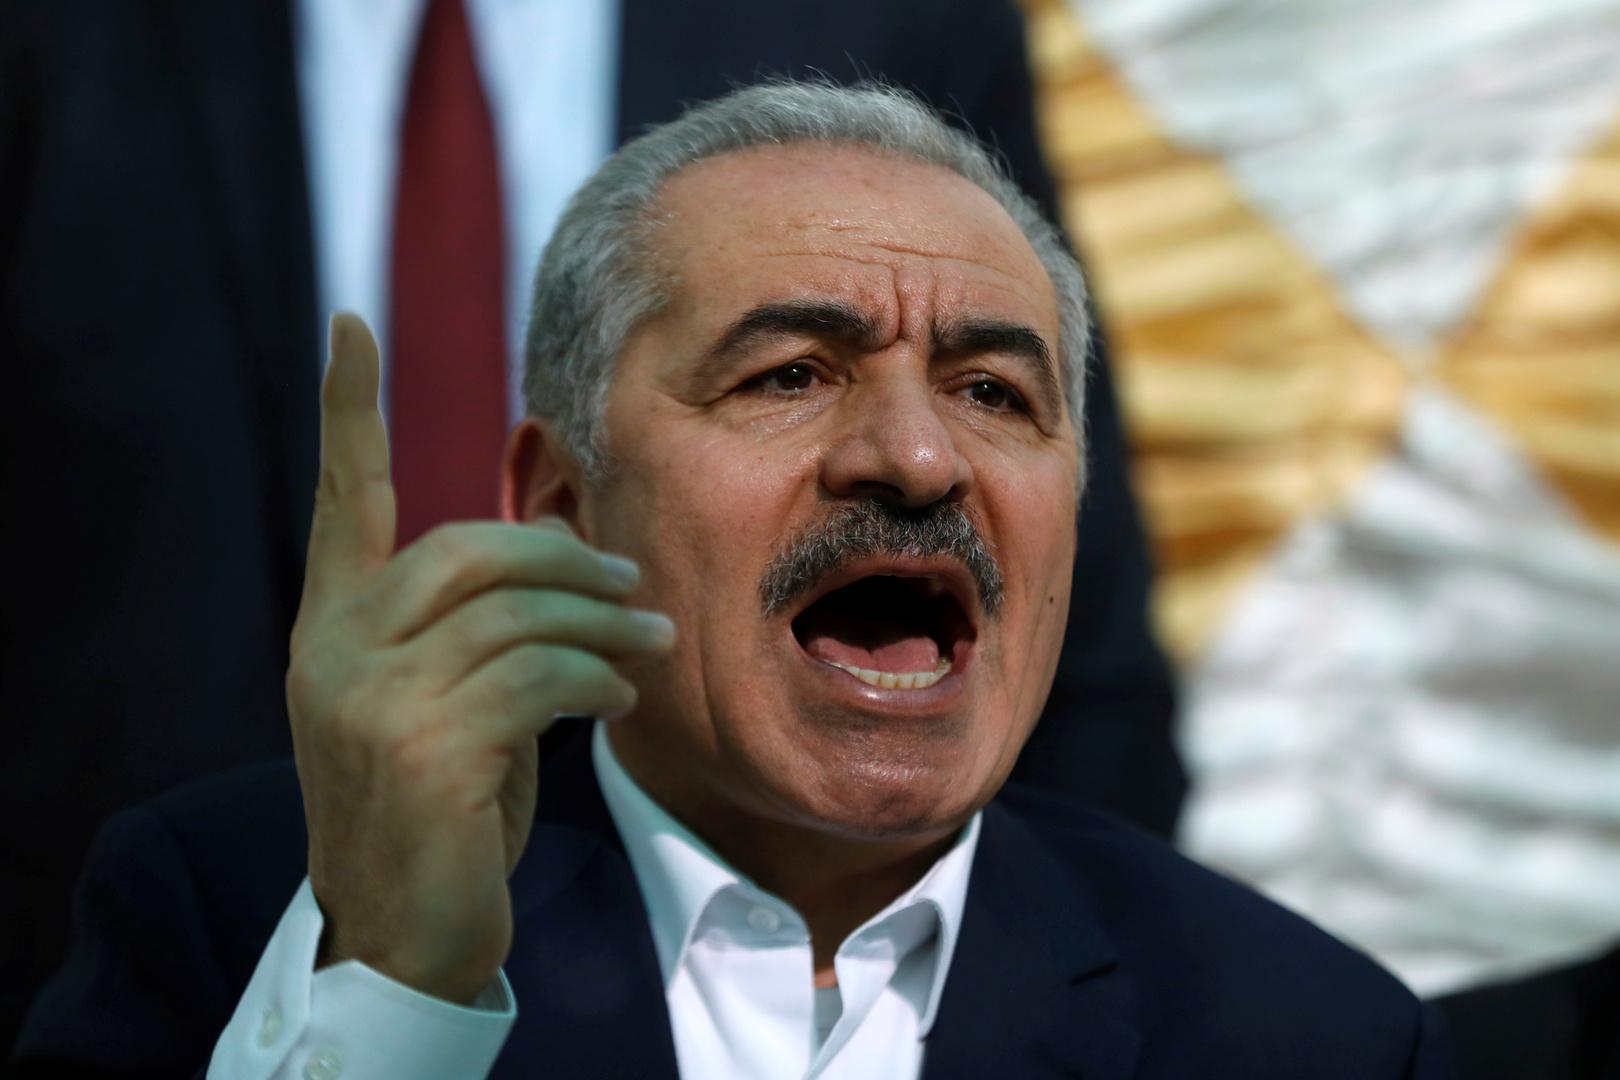 مجلس الوزراء الفلسطيني: استيراد أسواق عربية لزيت الزيتون والعسل من إسرائيل خرق لا تقوم به دول أجنبية